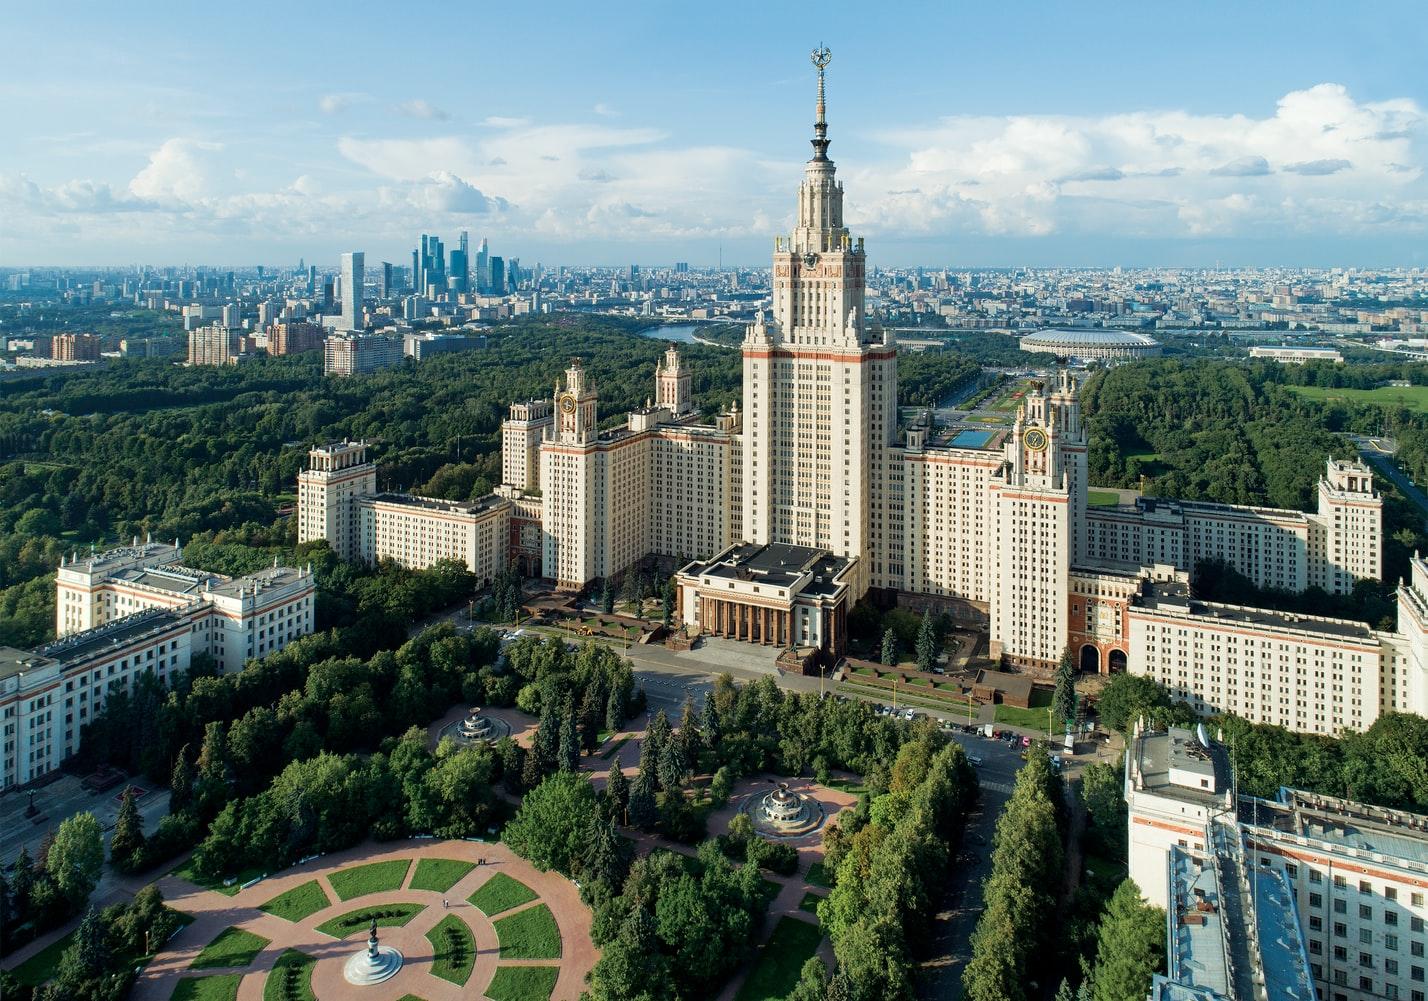 Lomonossow-Universität von oben mit Skyline von Moskau im Hintergrund Russland